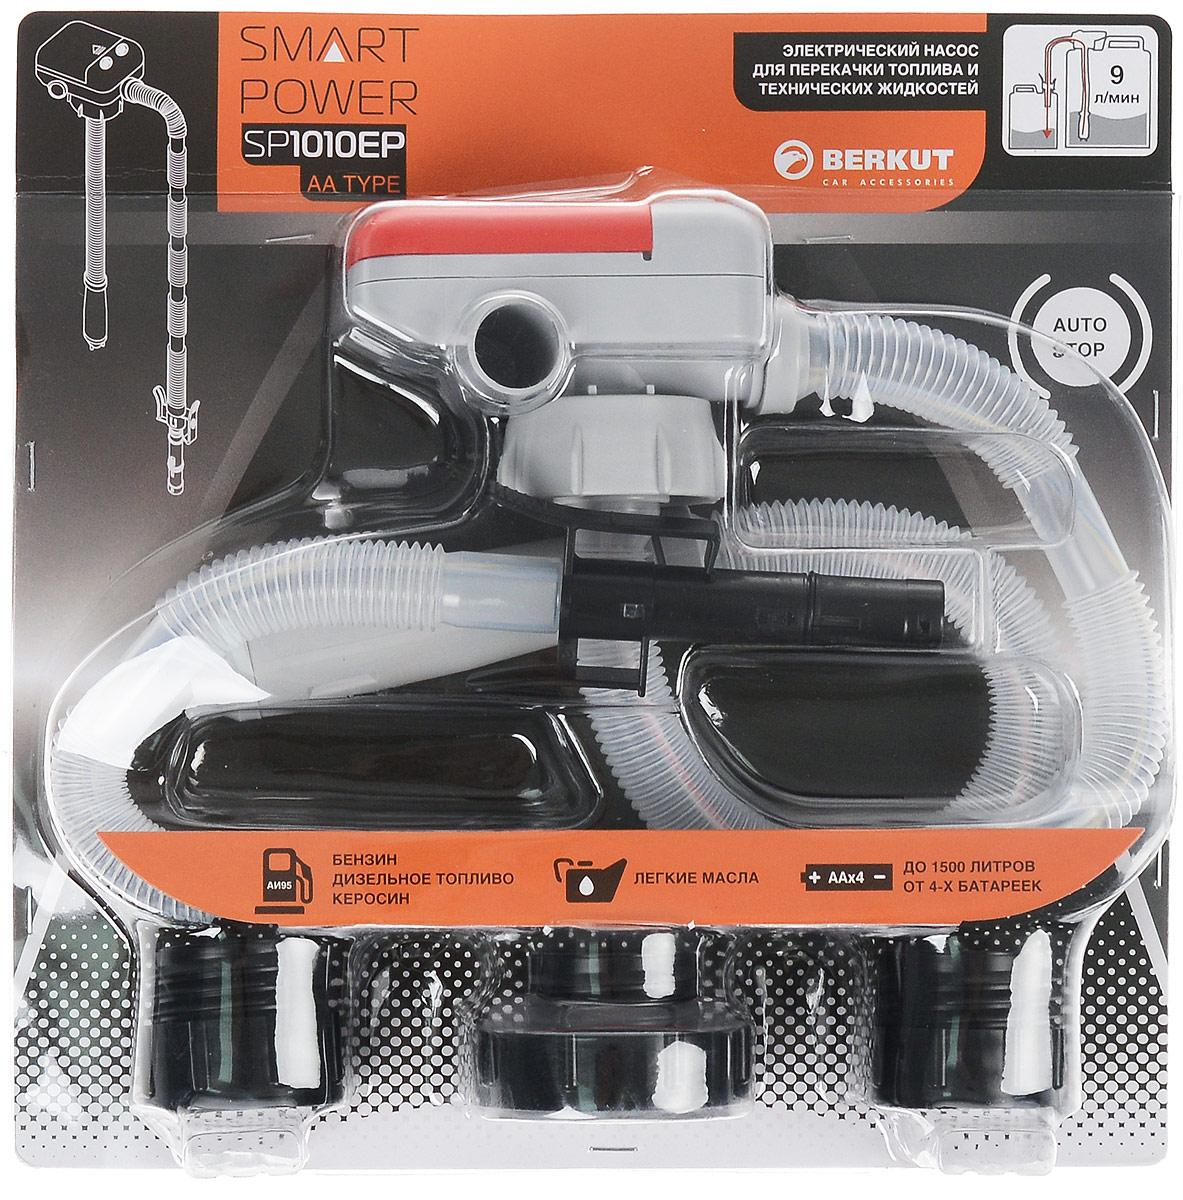 Электрическая помпа для перекачки жидкости и ГСМ BERKUT Smart Power SP1010ЕР